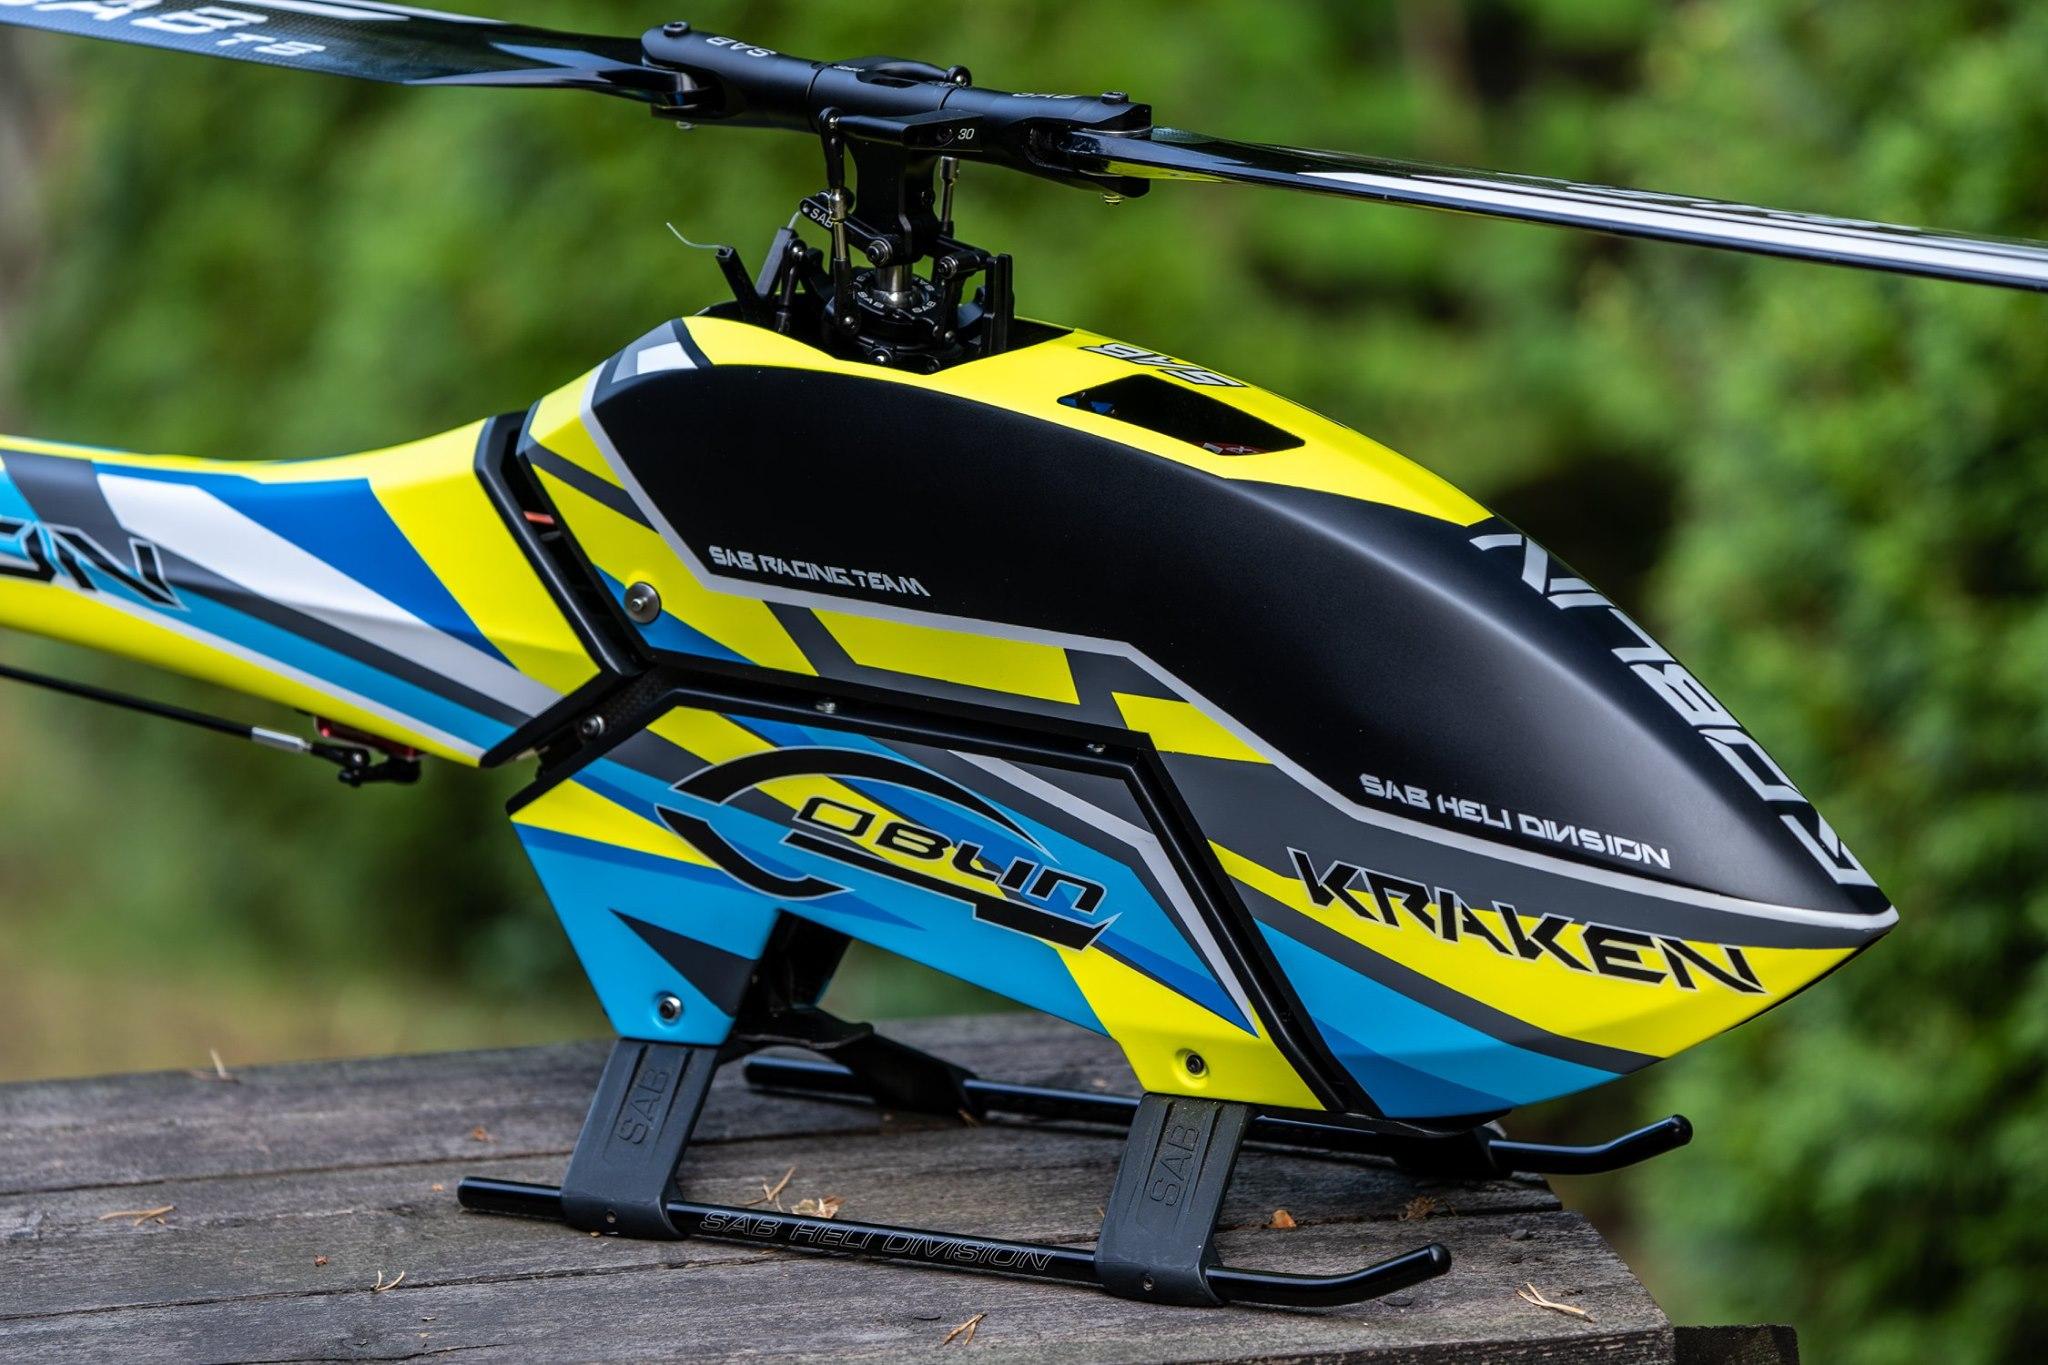 Goblin Kraken Goblin Helicopters